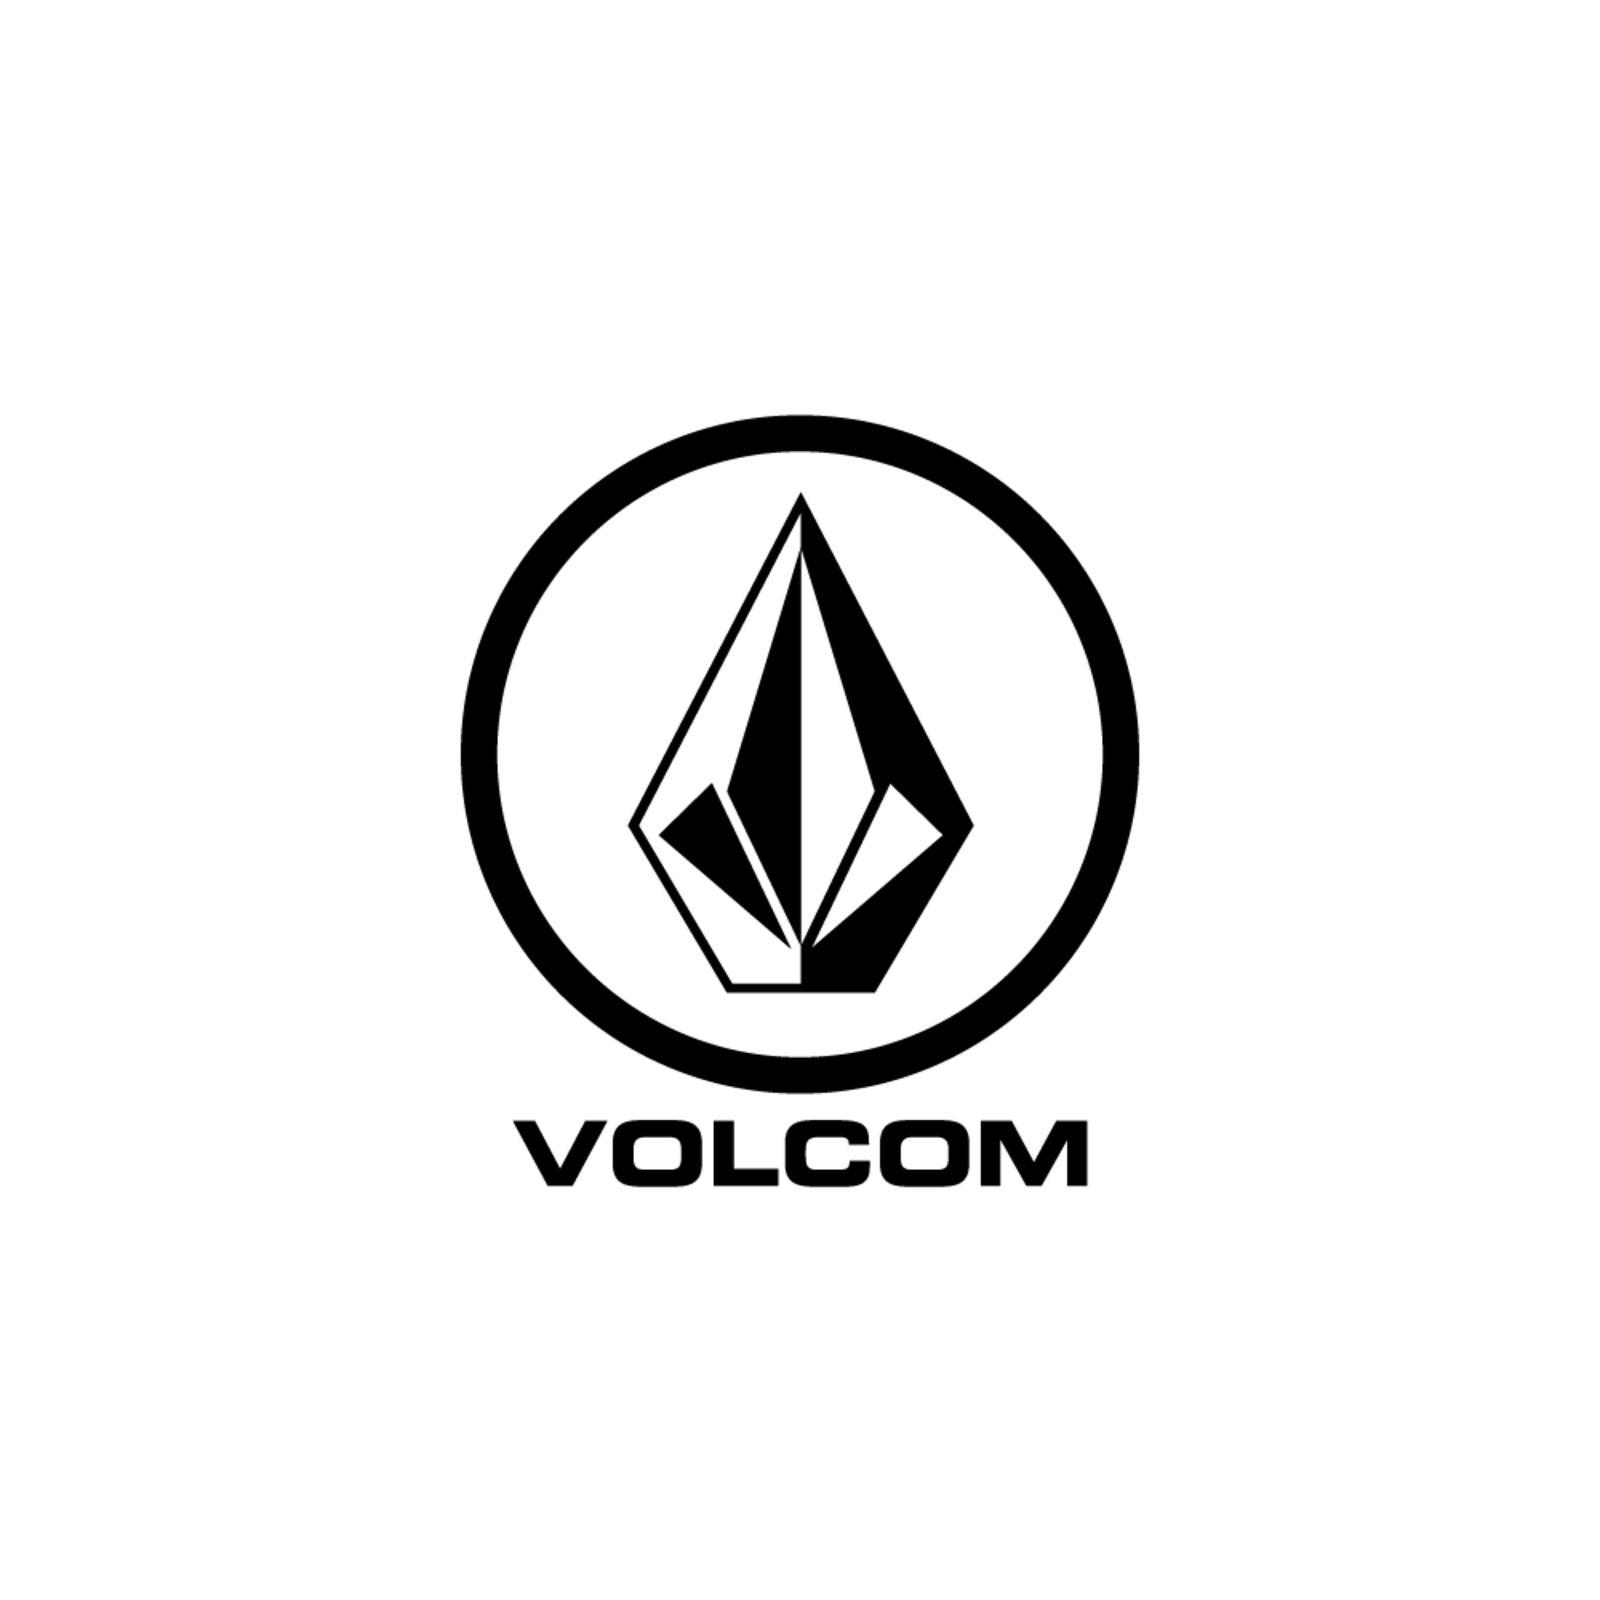 VOLCOM (Bild 1)